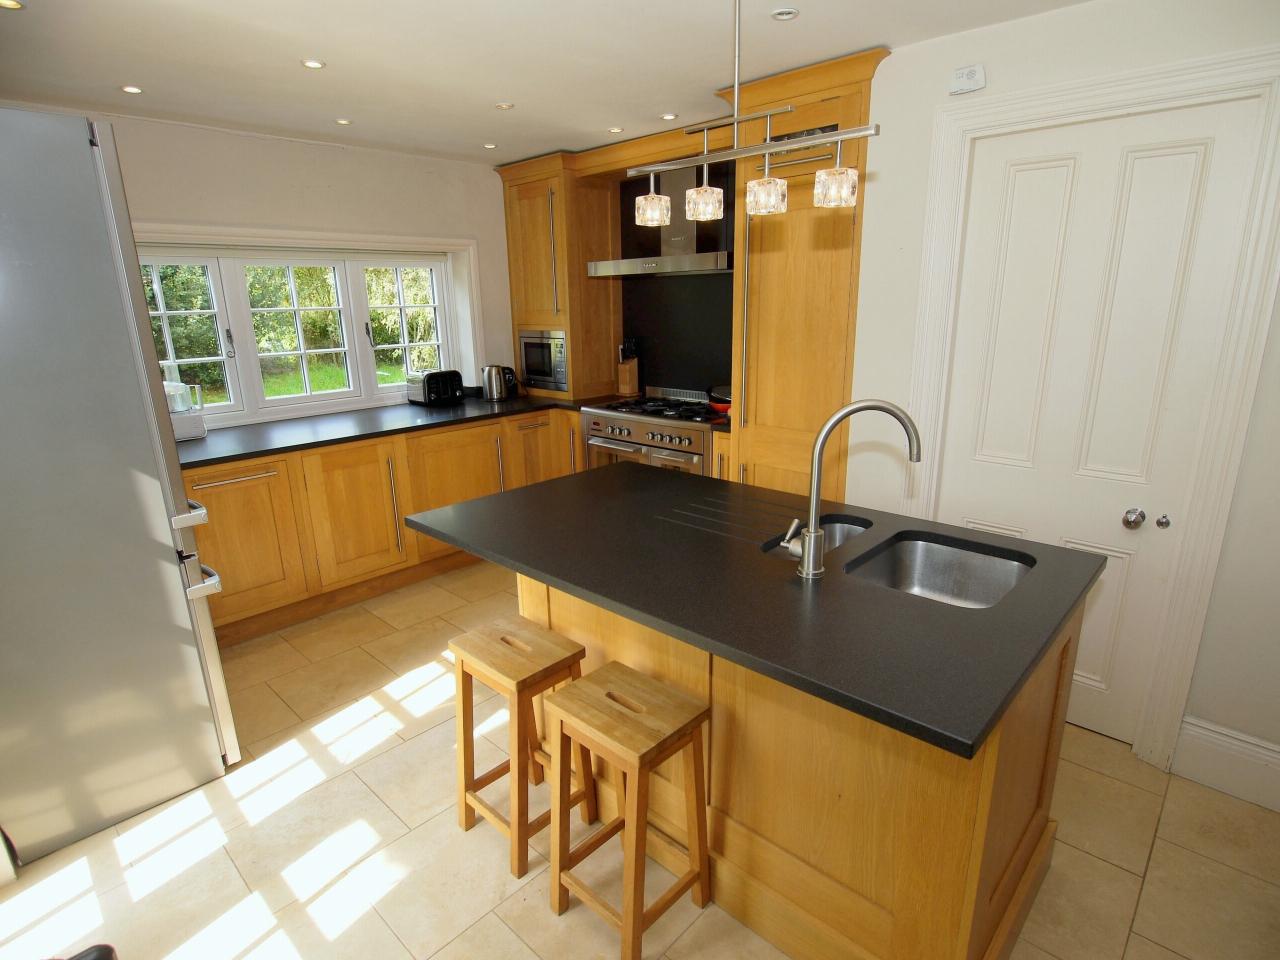 4 bedroom detached house Sold in Tonbridge - Photograph 5